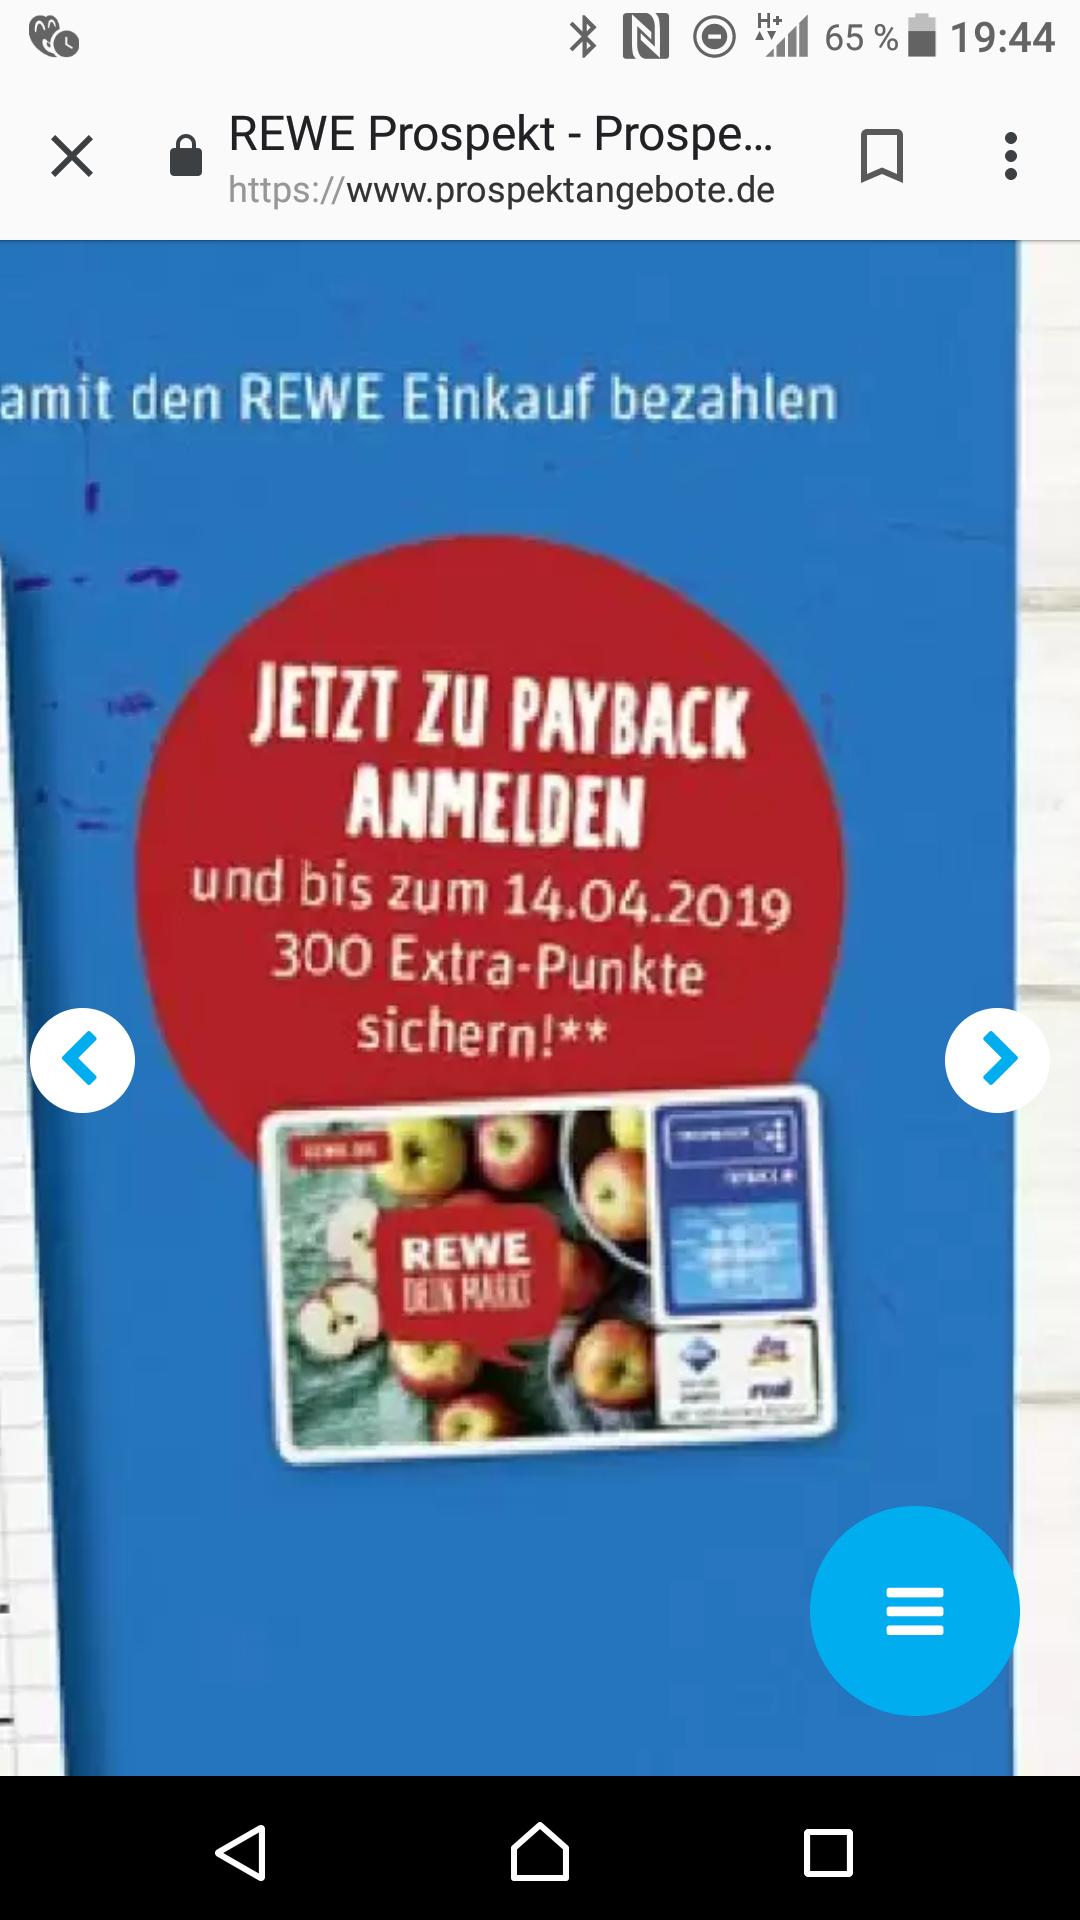 300 Punkte für Payback Anmeldung bei Rewe